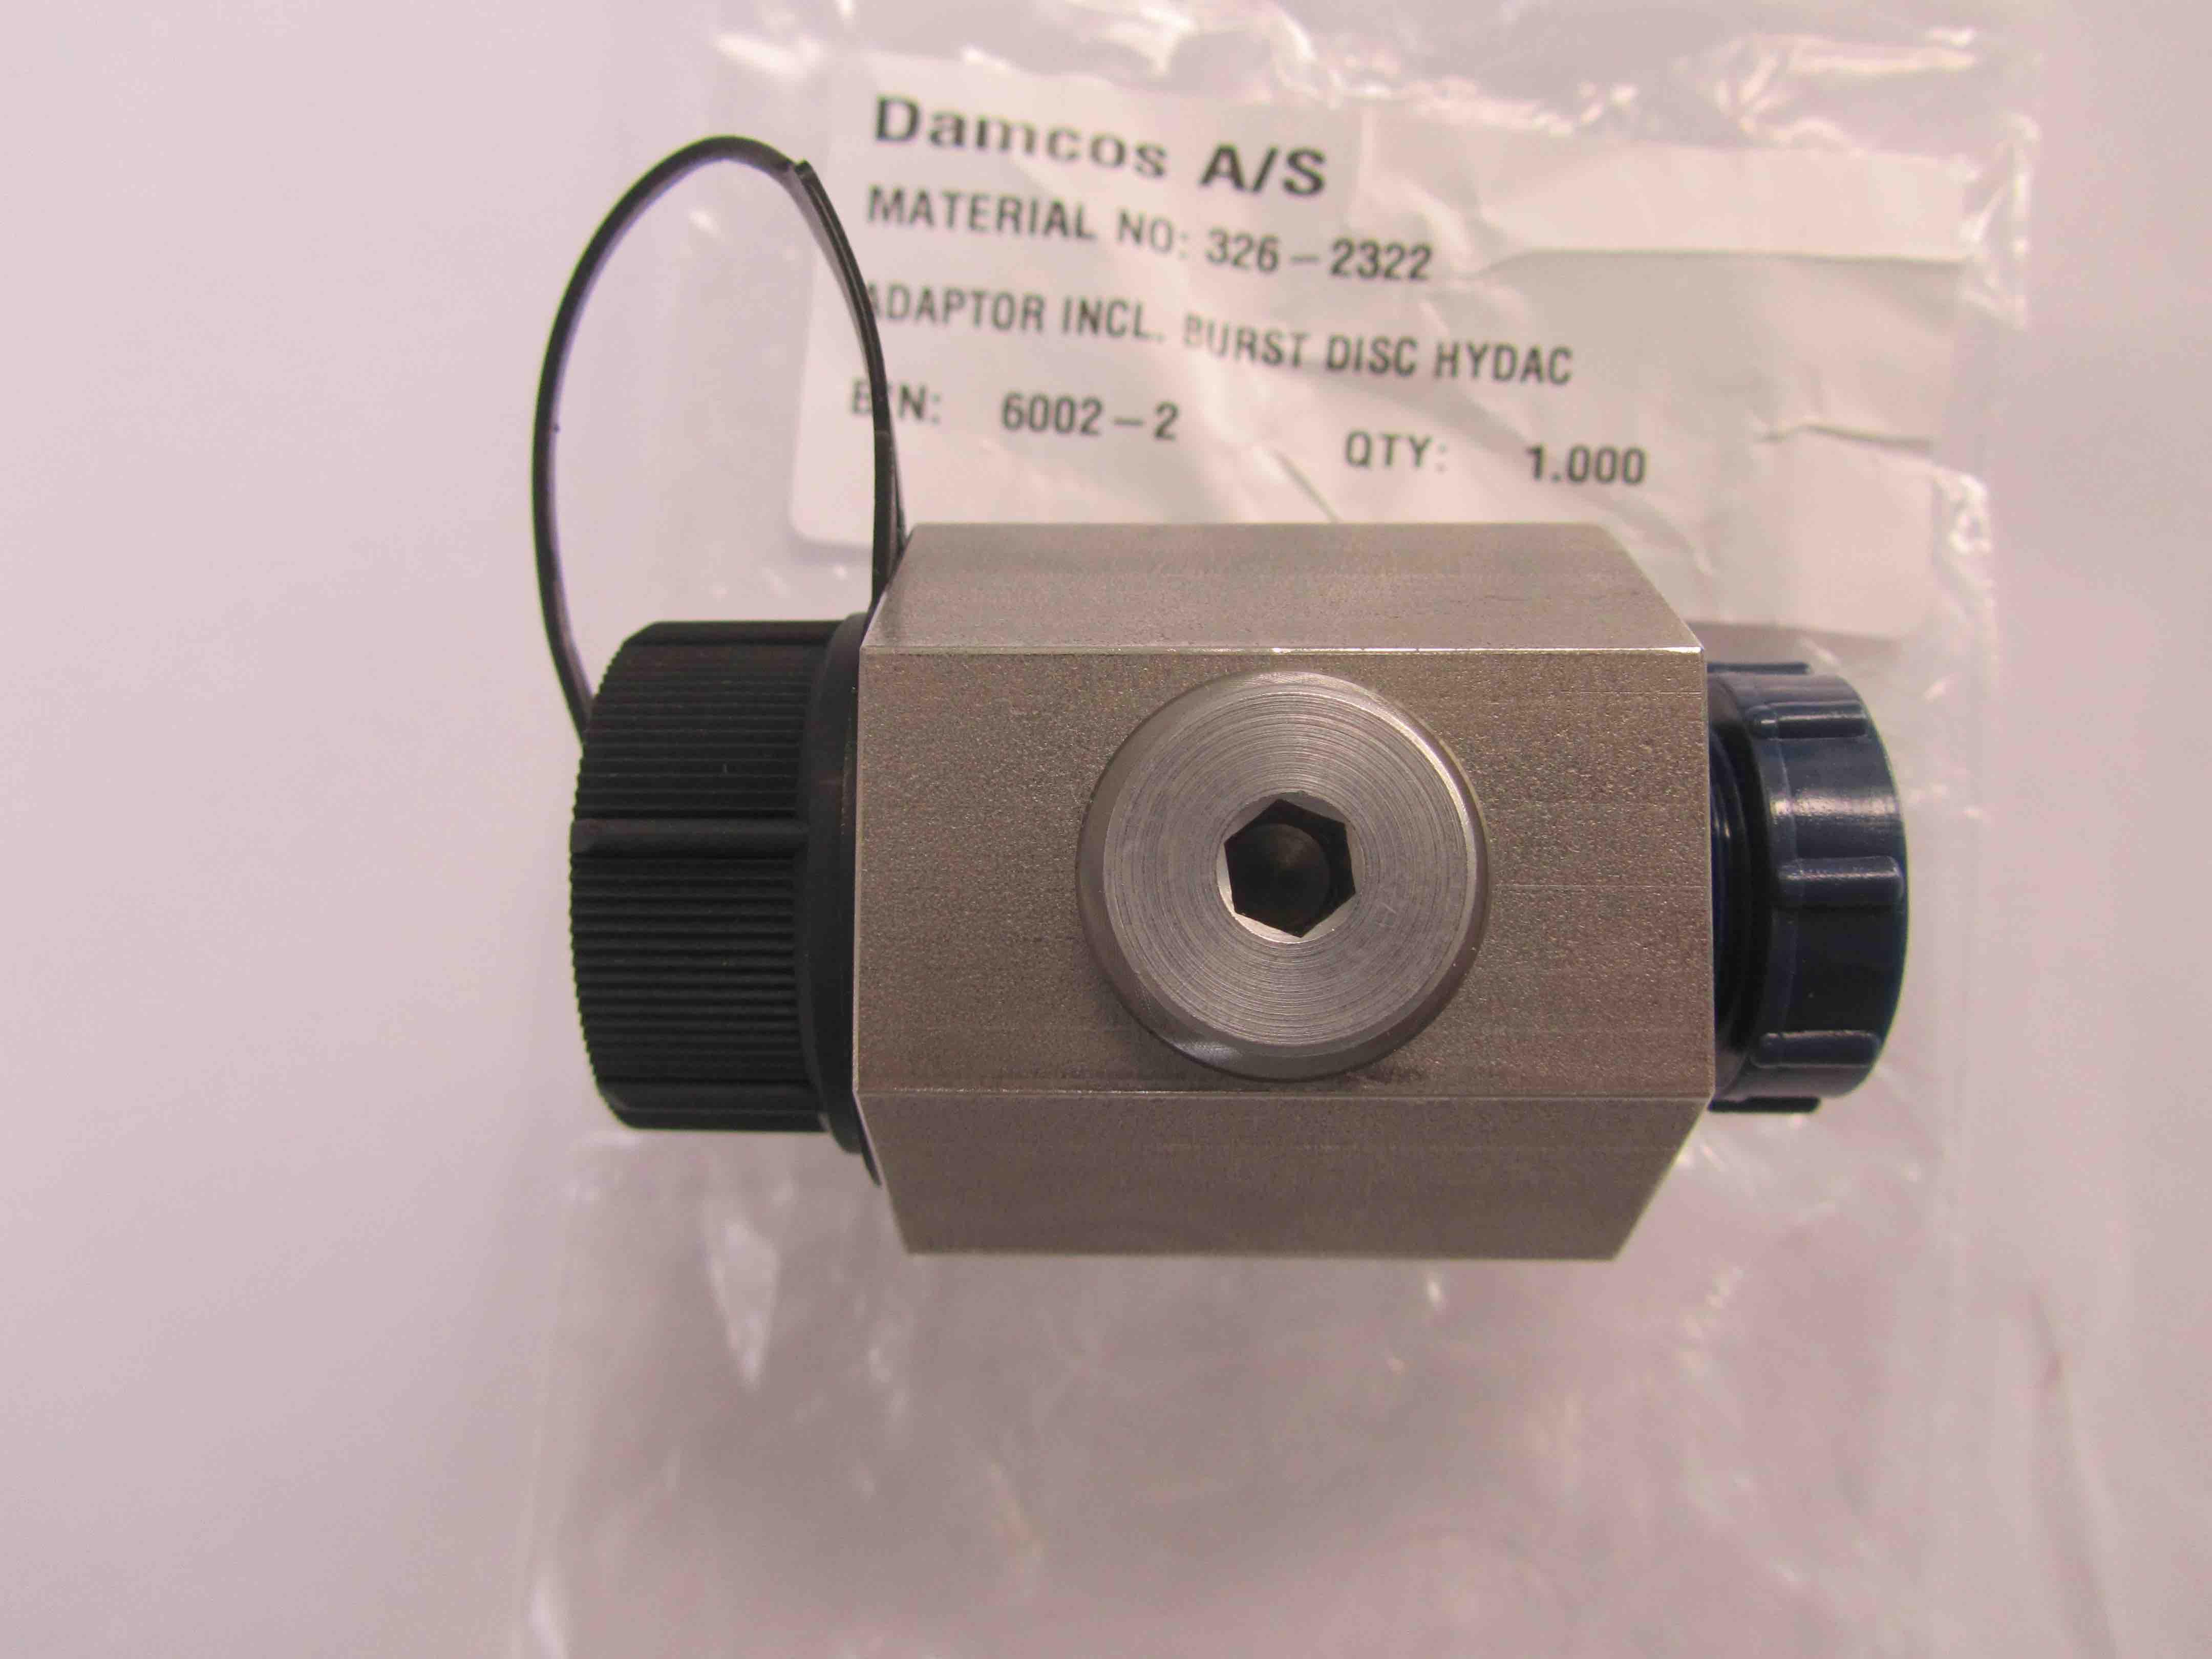 326-2322 Adaptor